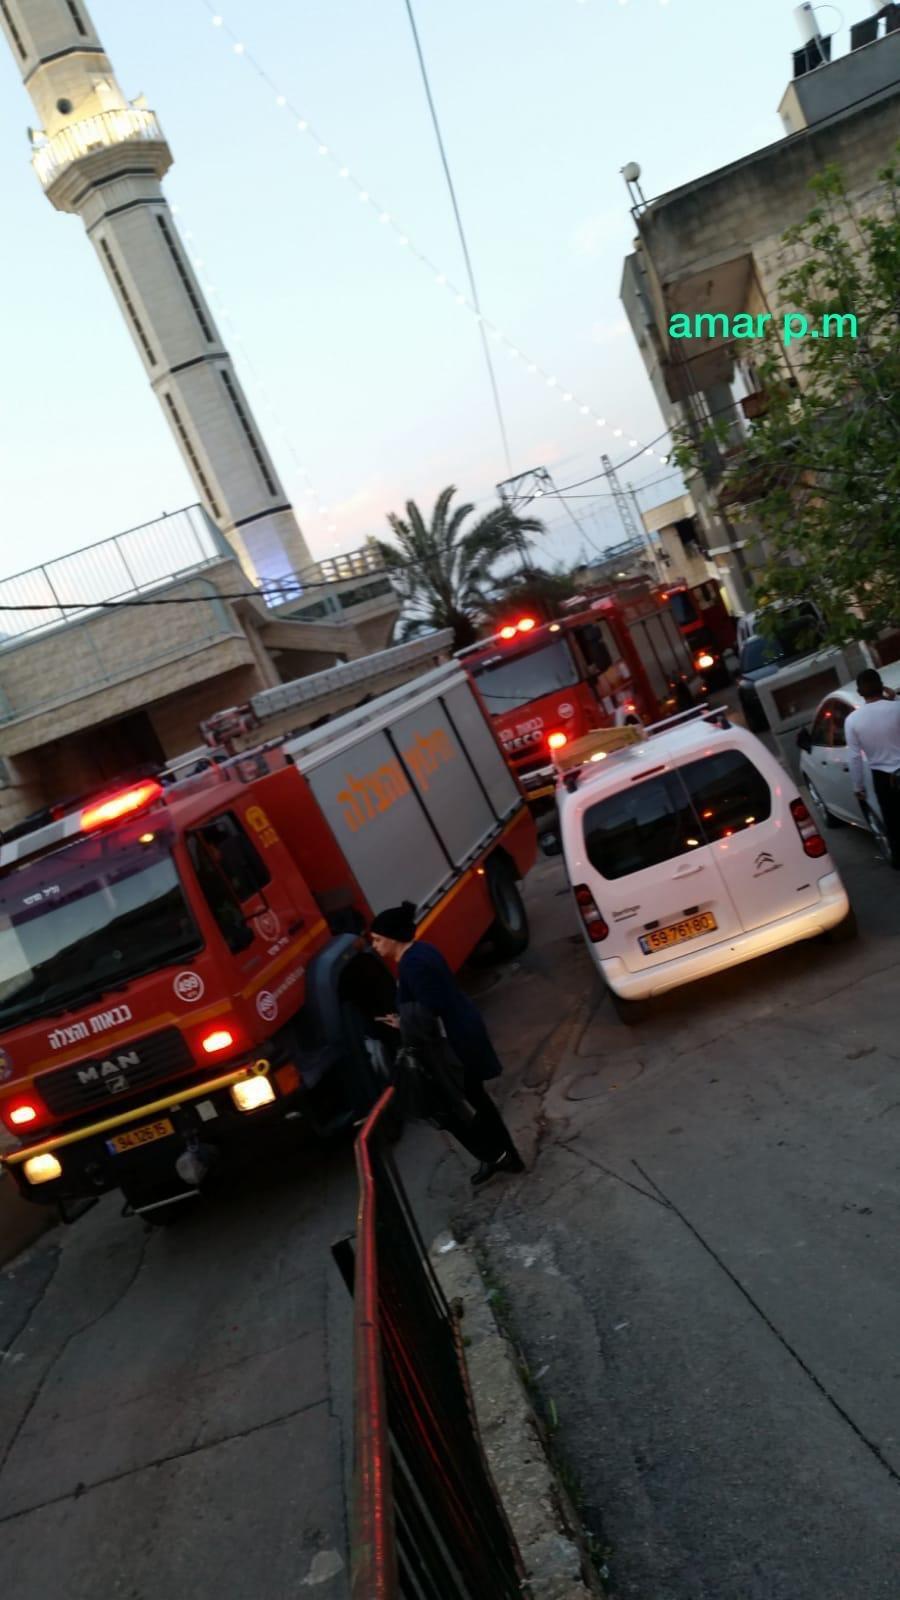 دير الاسد: انهيار جدار داخل مبنى سكني